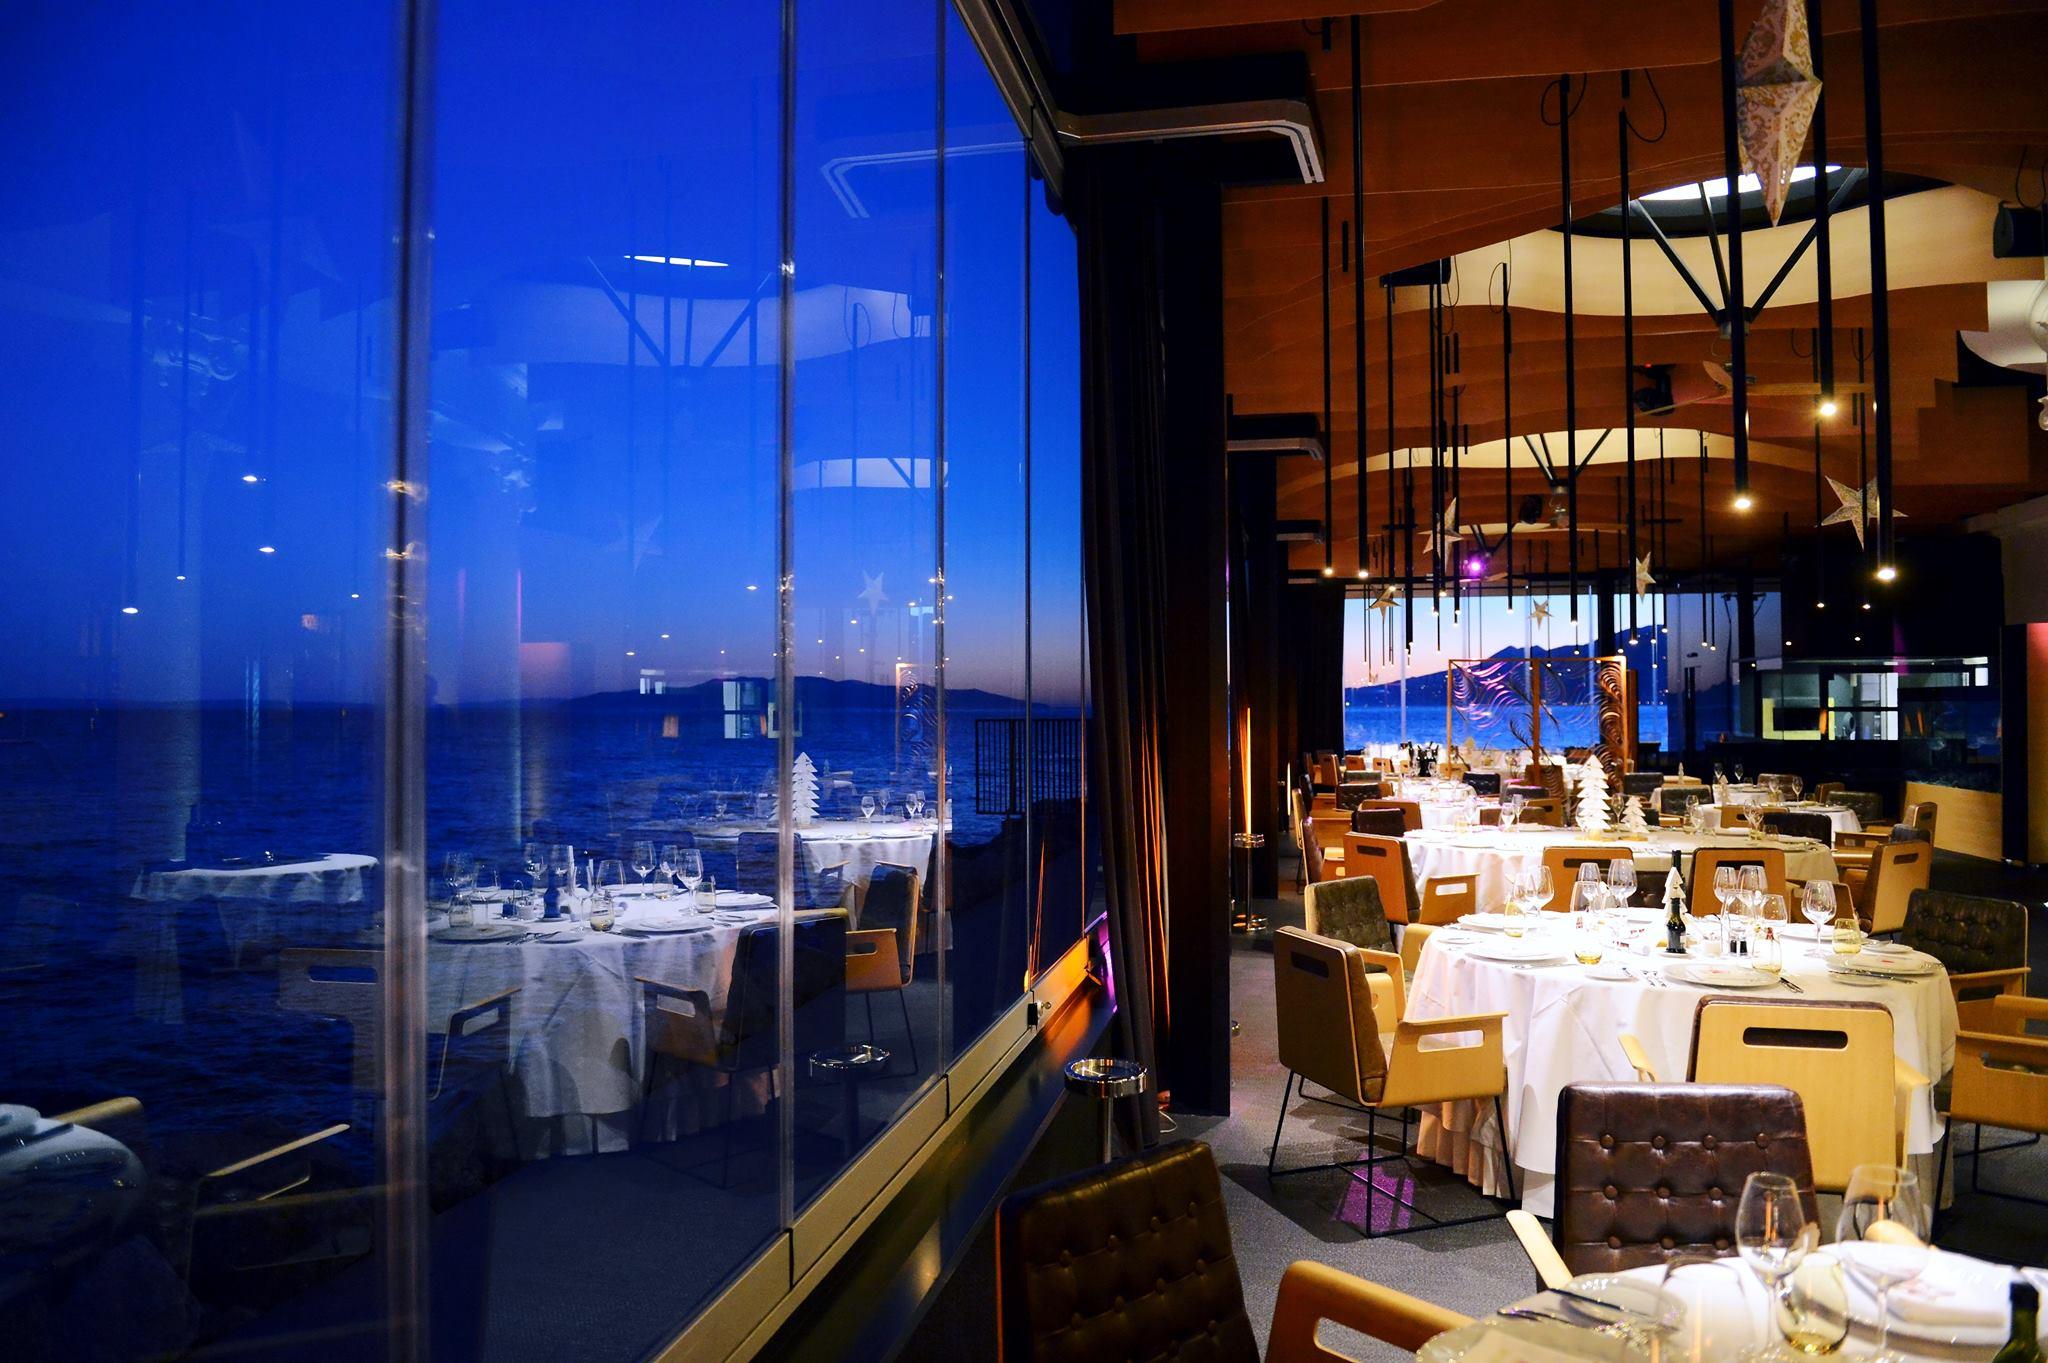 Easter in bevanda bevanda 5 star design hotel for Design hotel opatija croatia